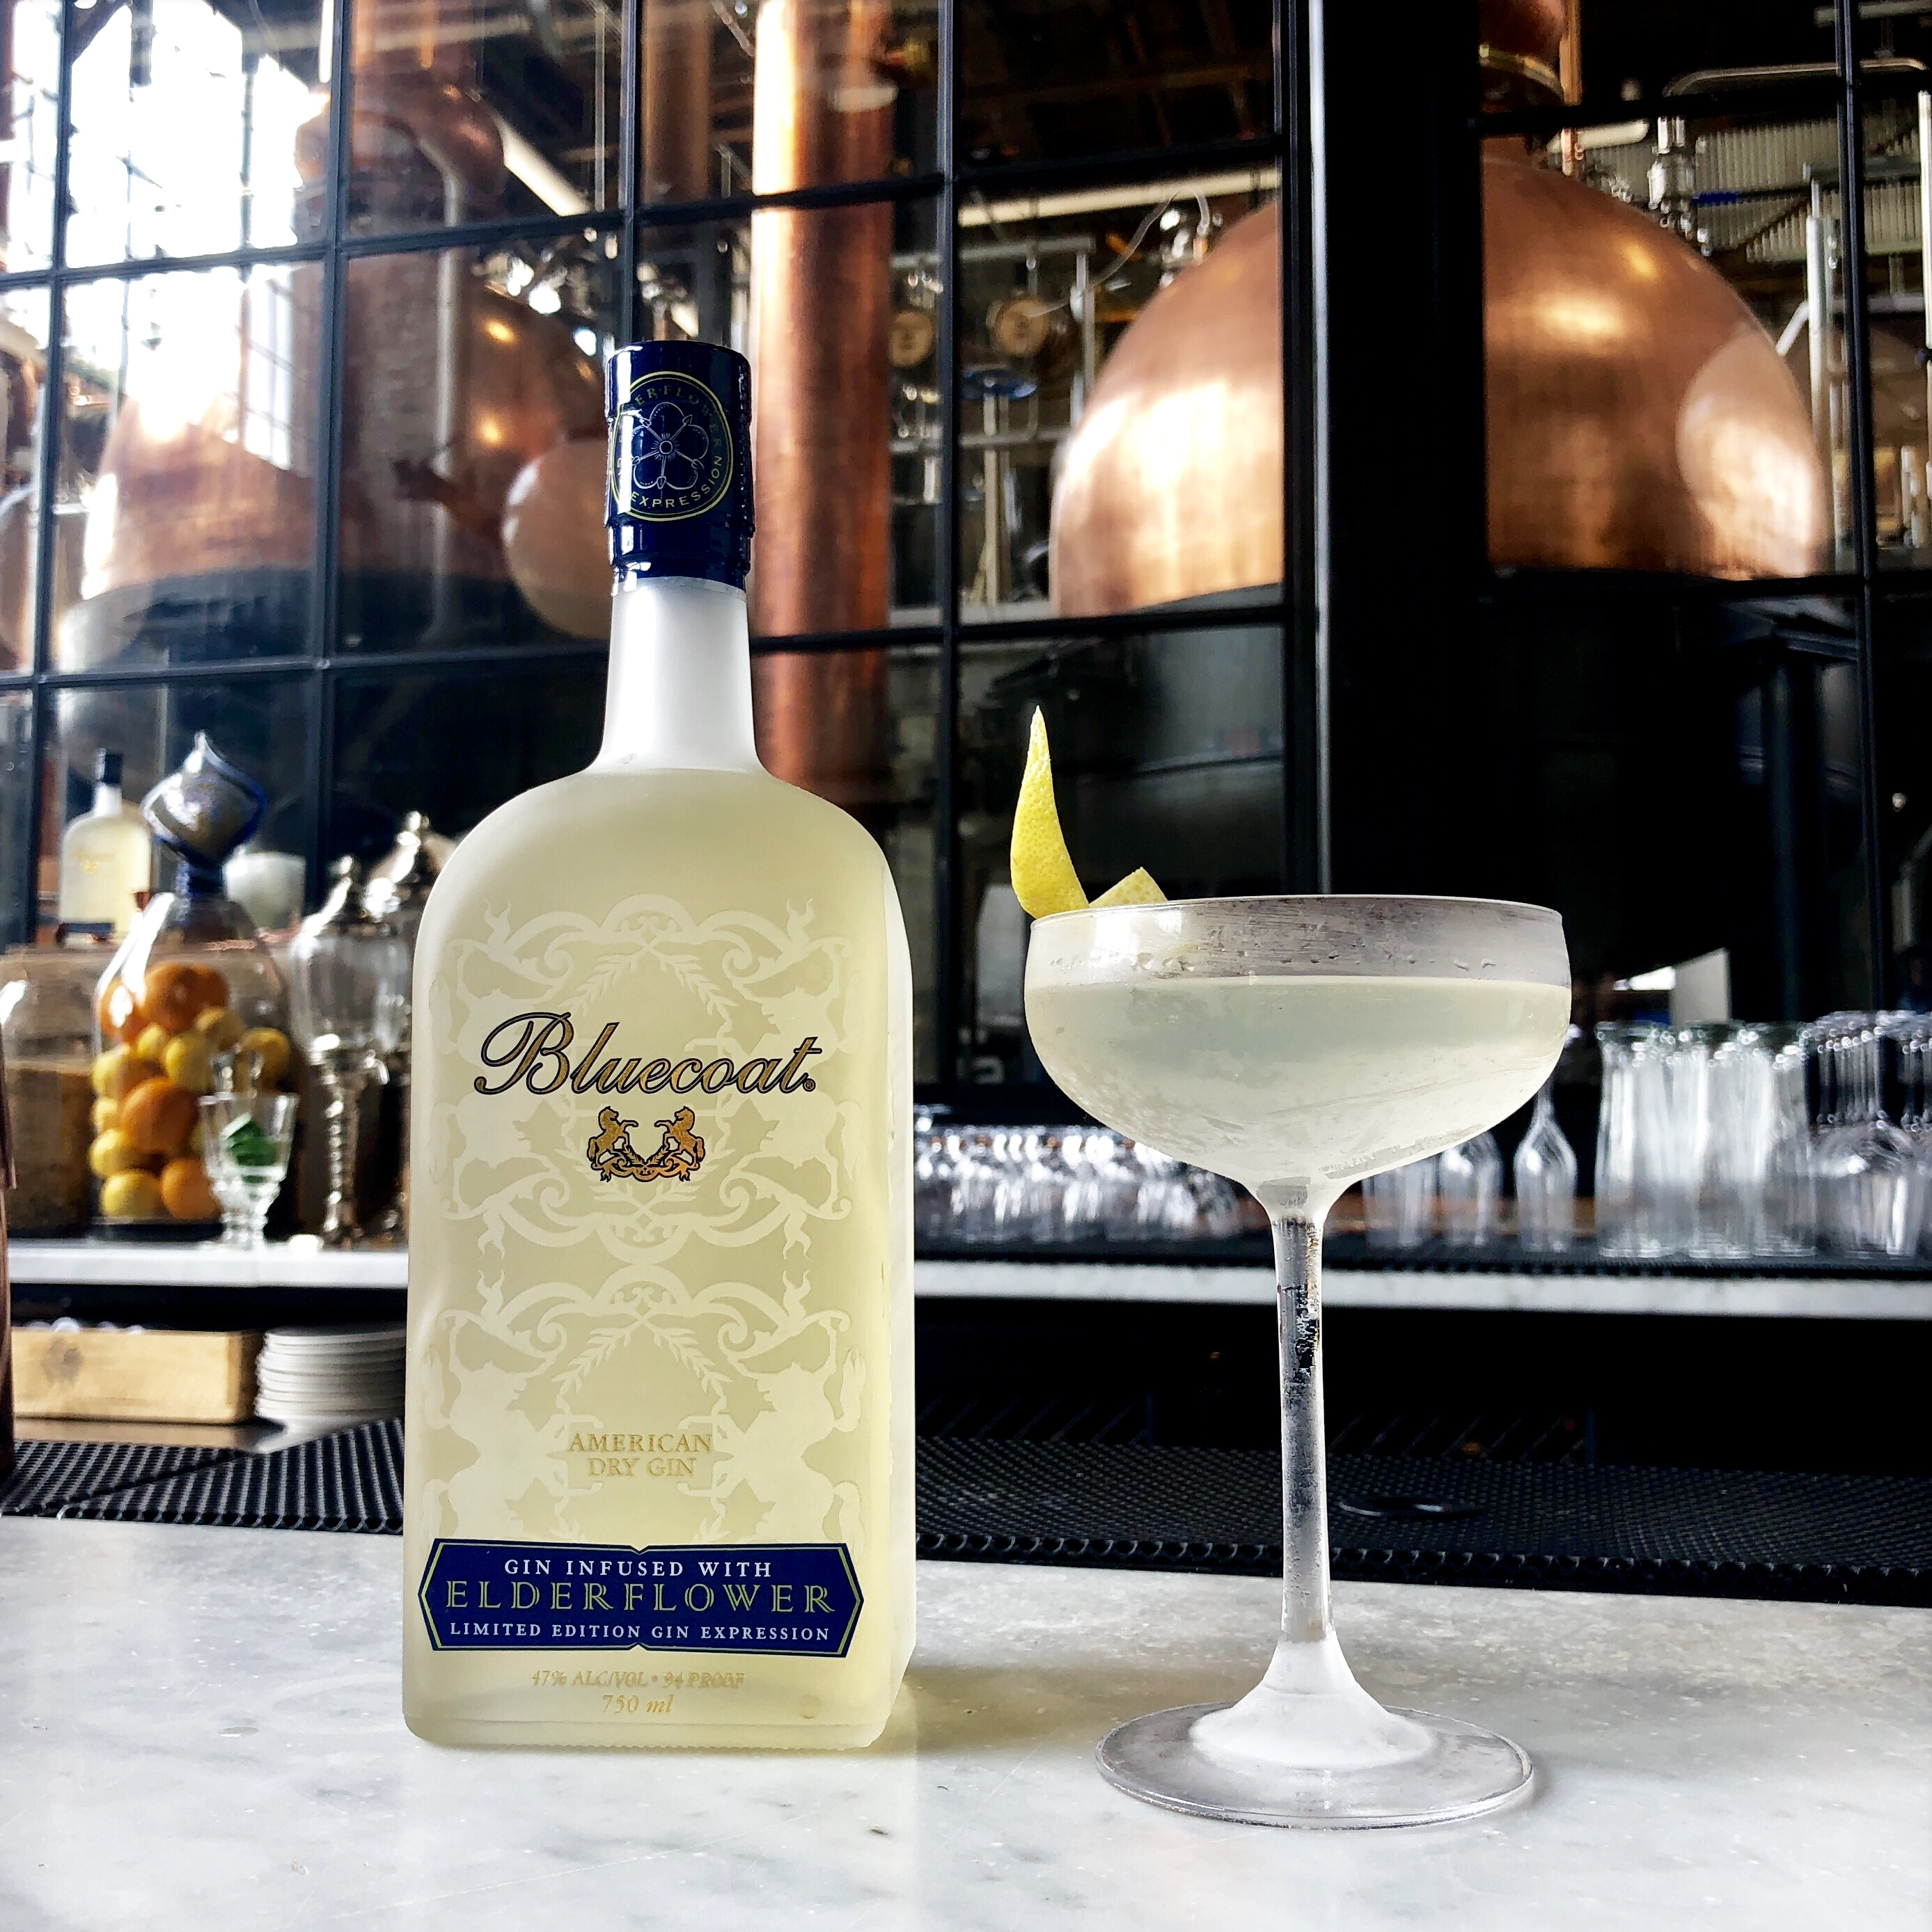 A Vesper made with Philadelphia Distilling´s new Elderflower gin at the distillery´s scenic tasting room in Fishtown.